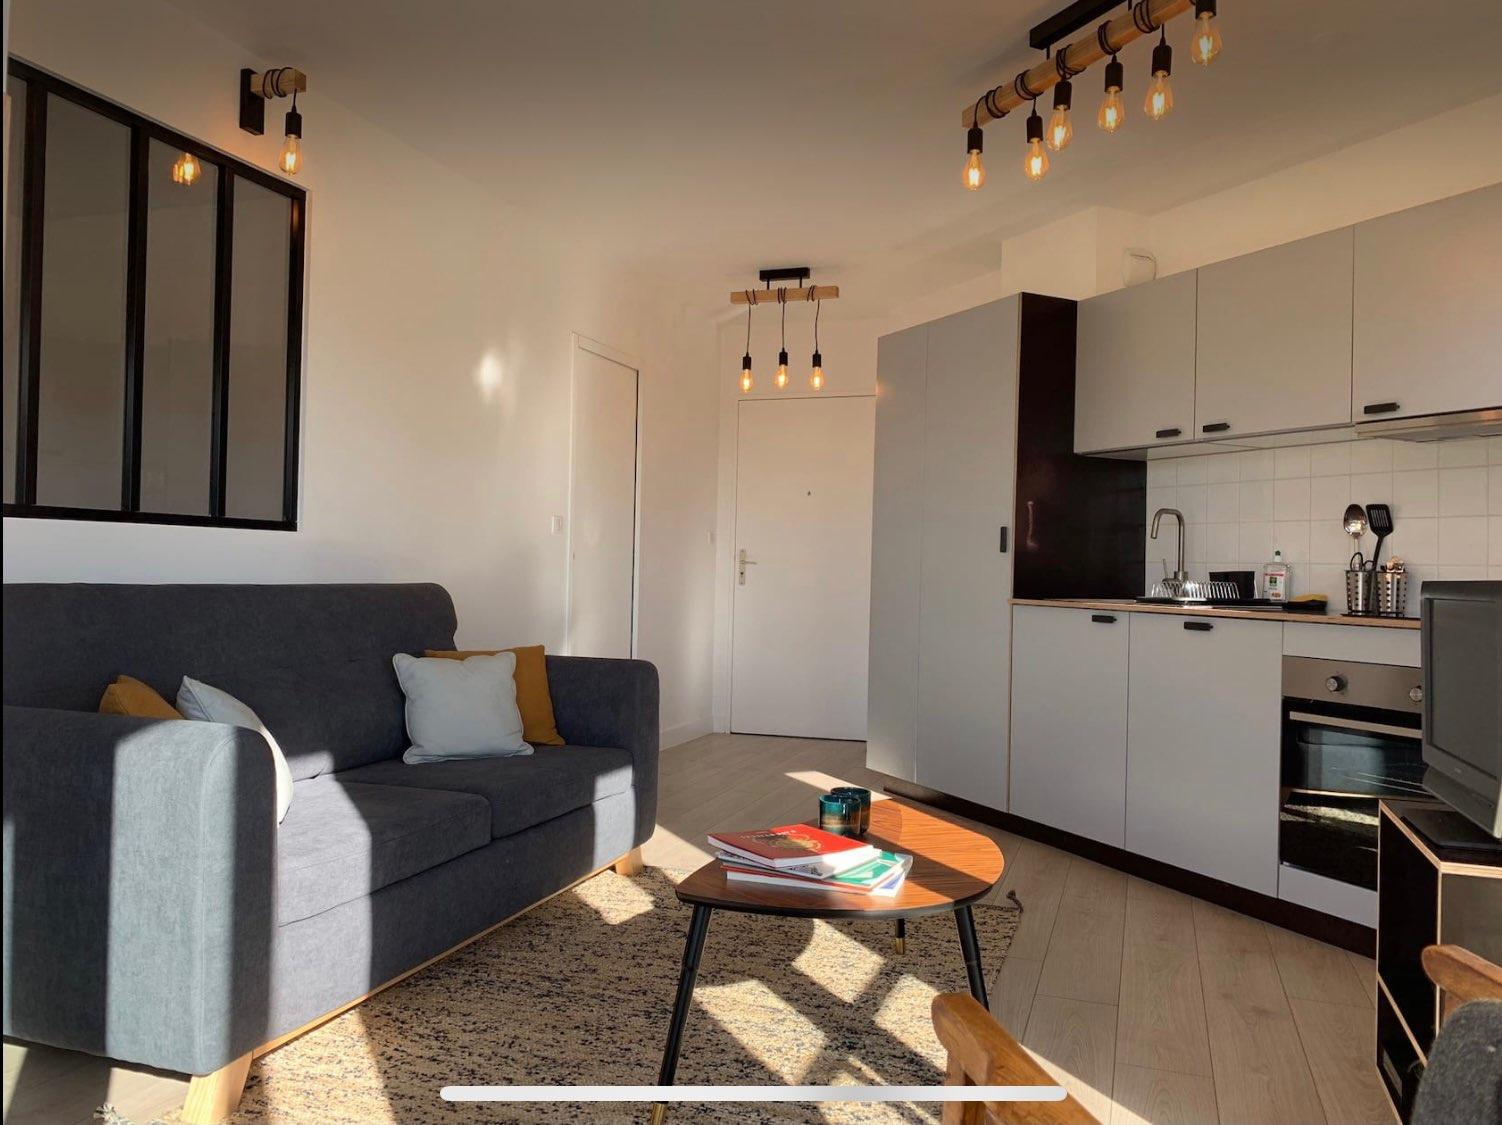 Biens en location Appartement biarritz